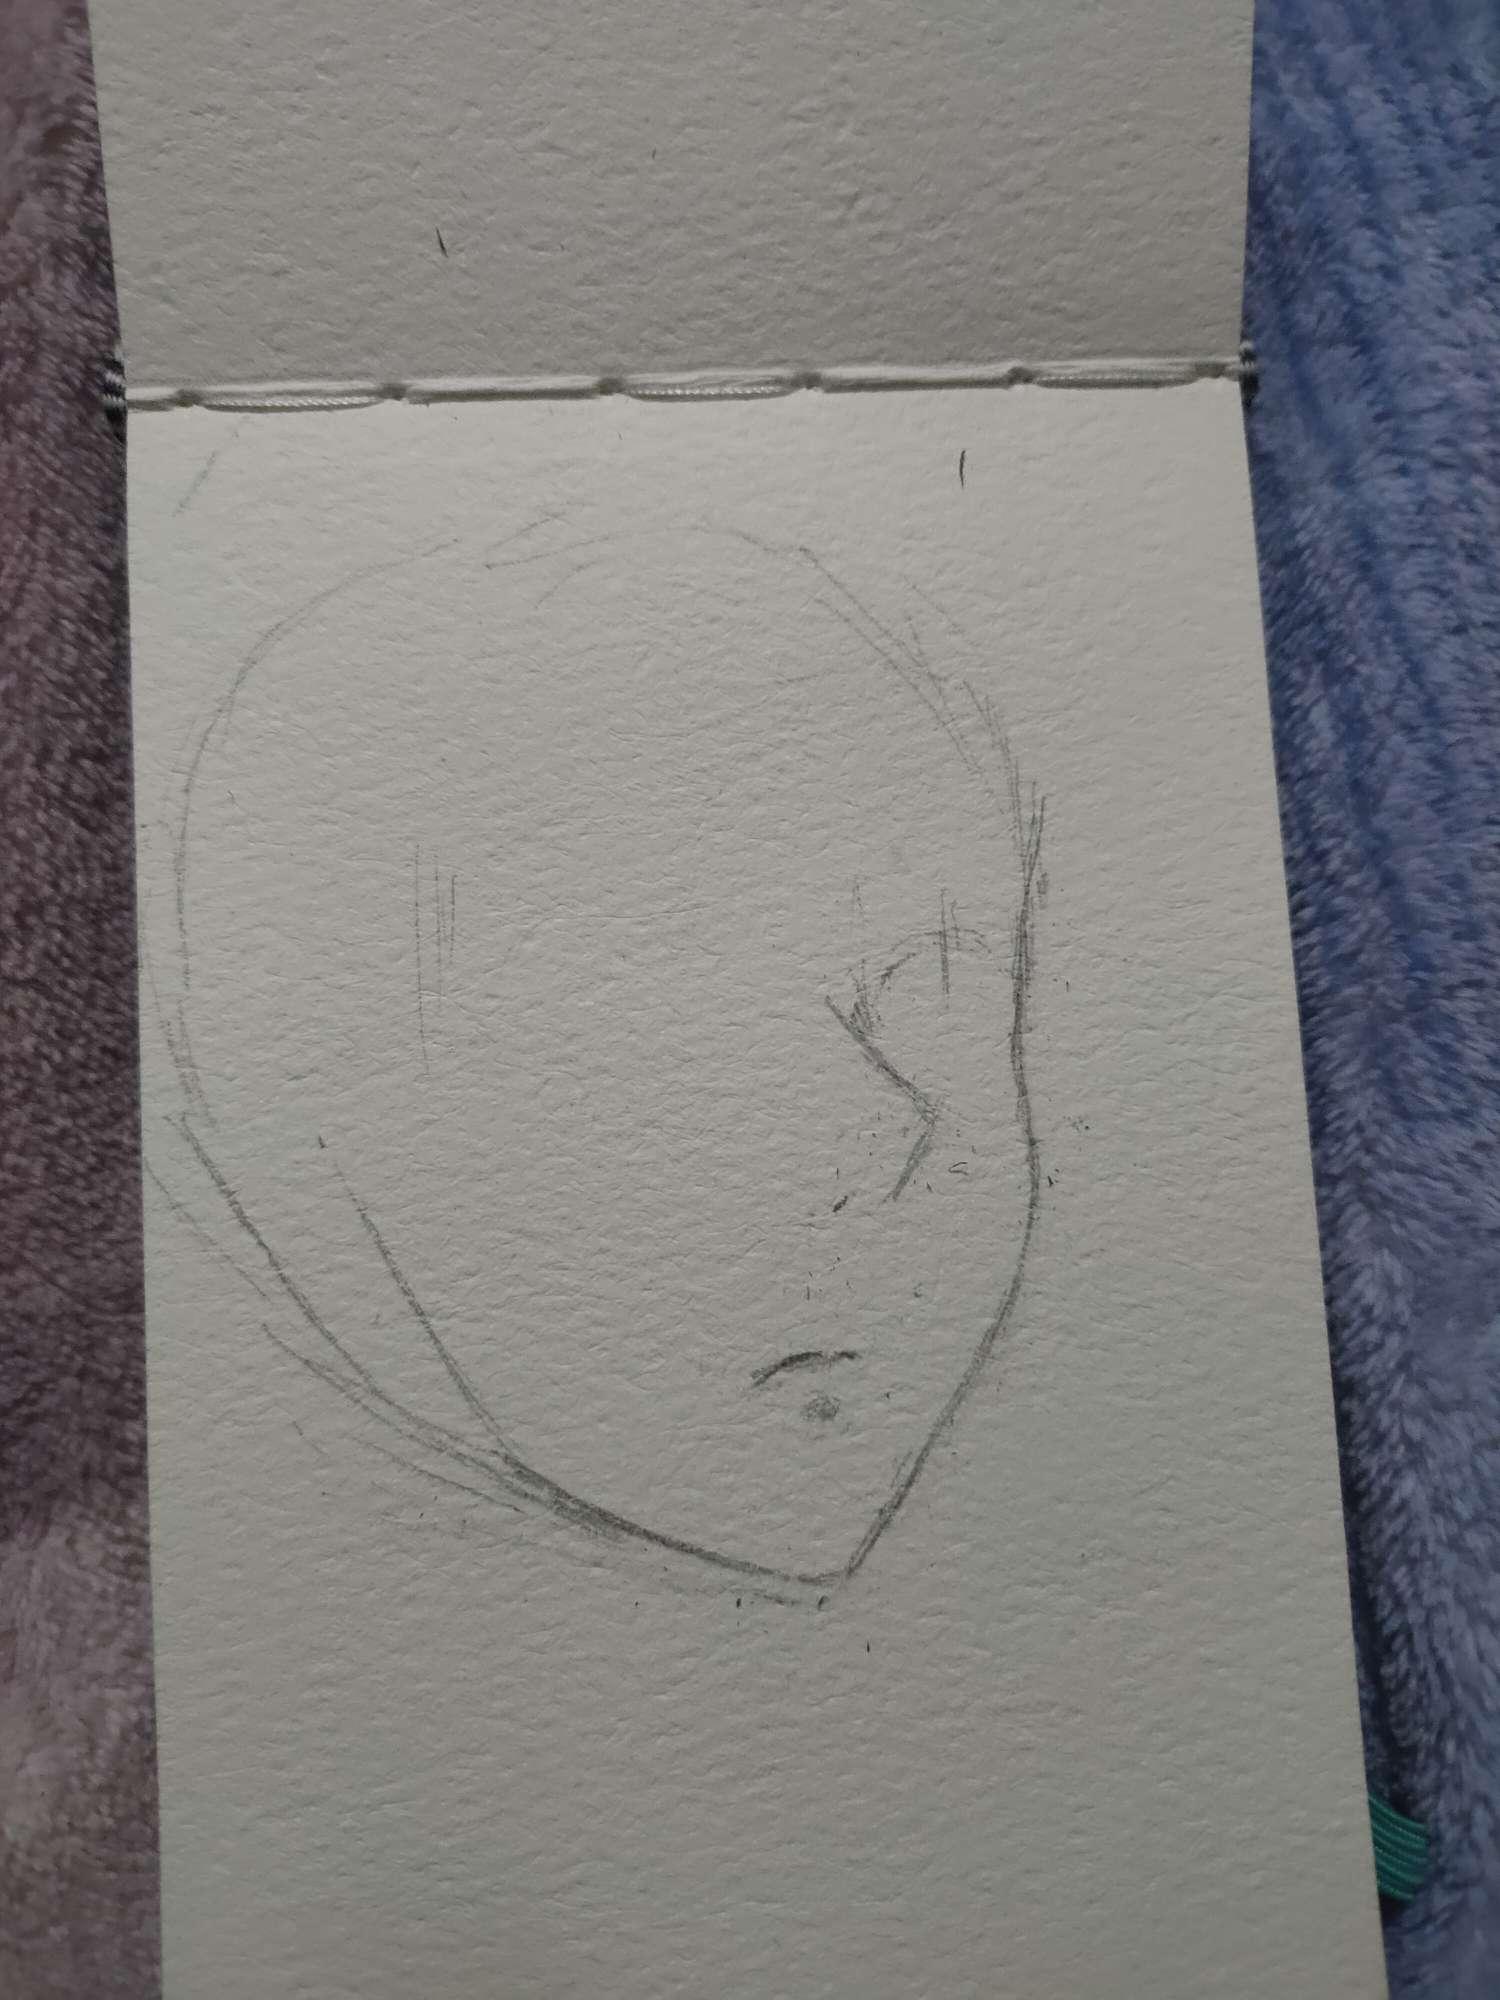 【手绘】薇尔莉特·,我的二次元男友漫画